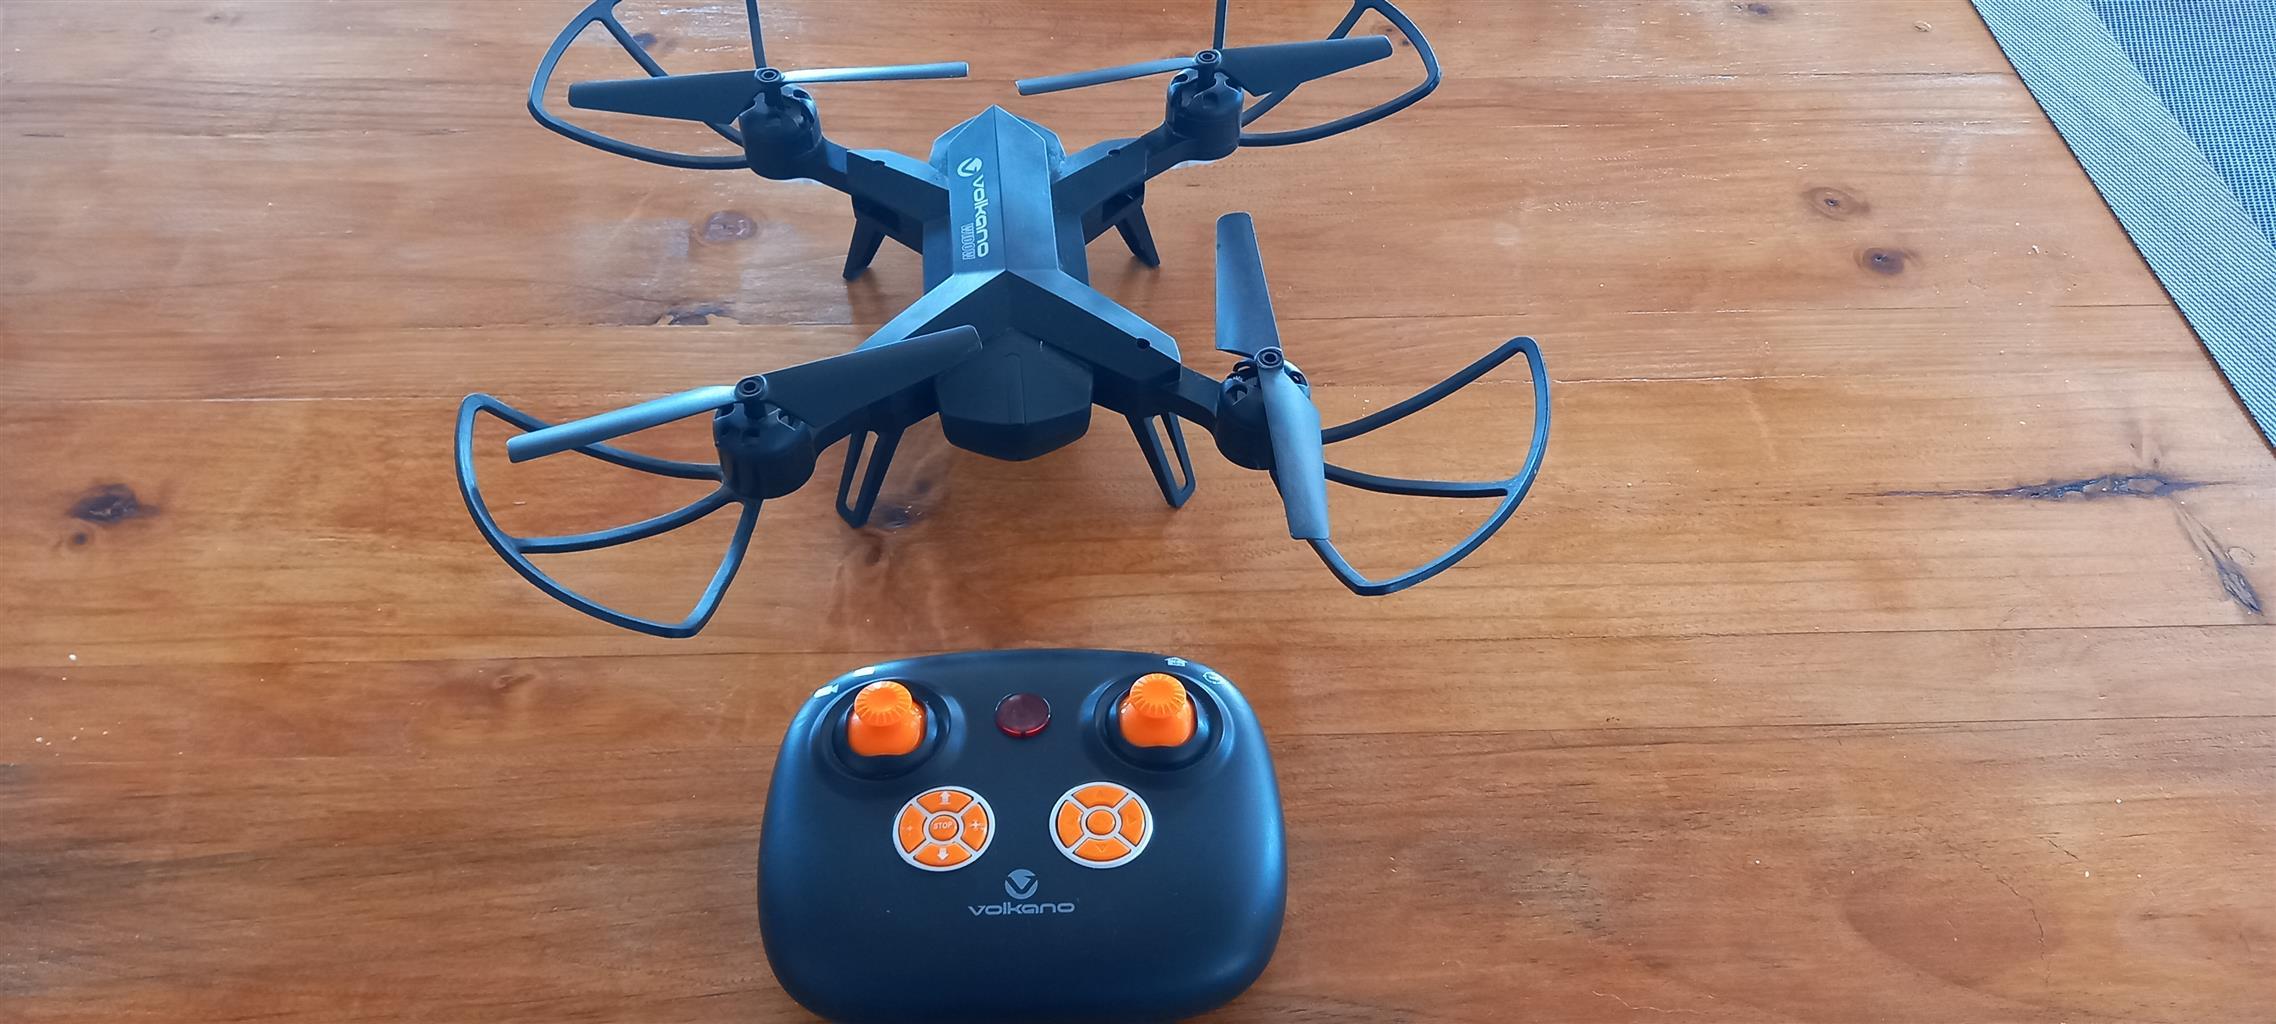 Volkano widow drone